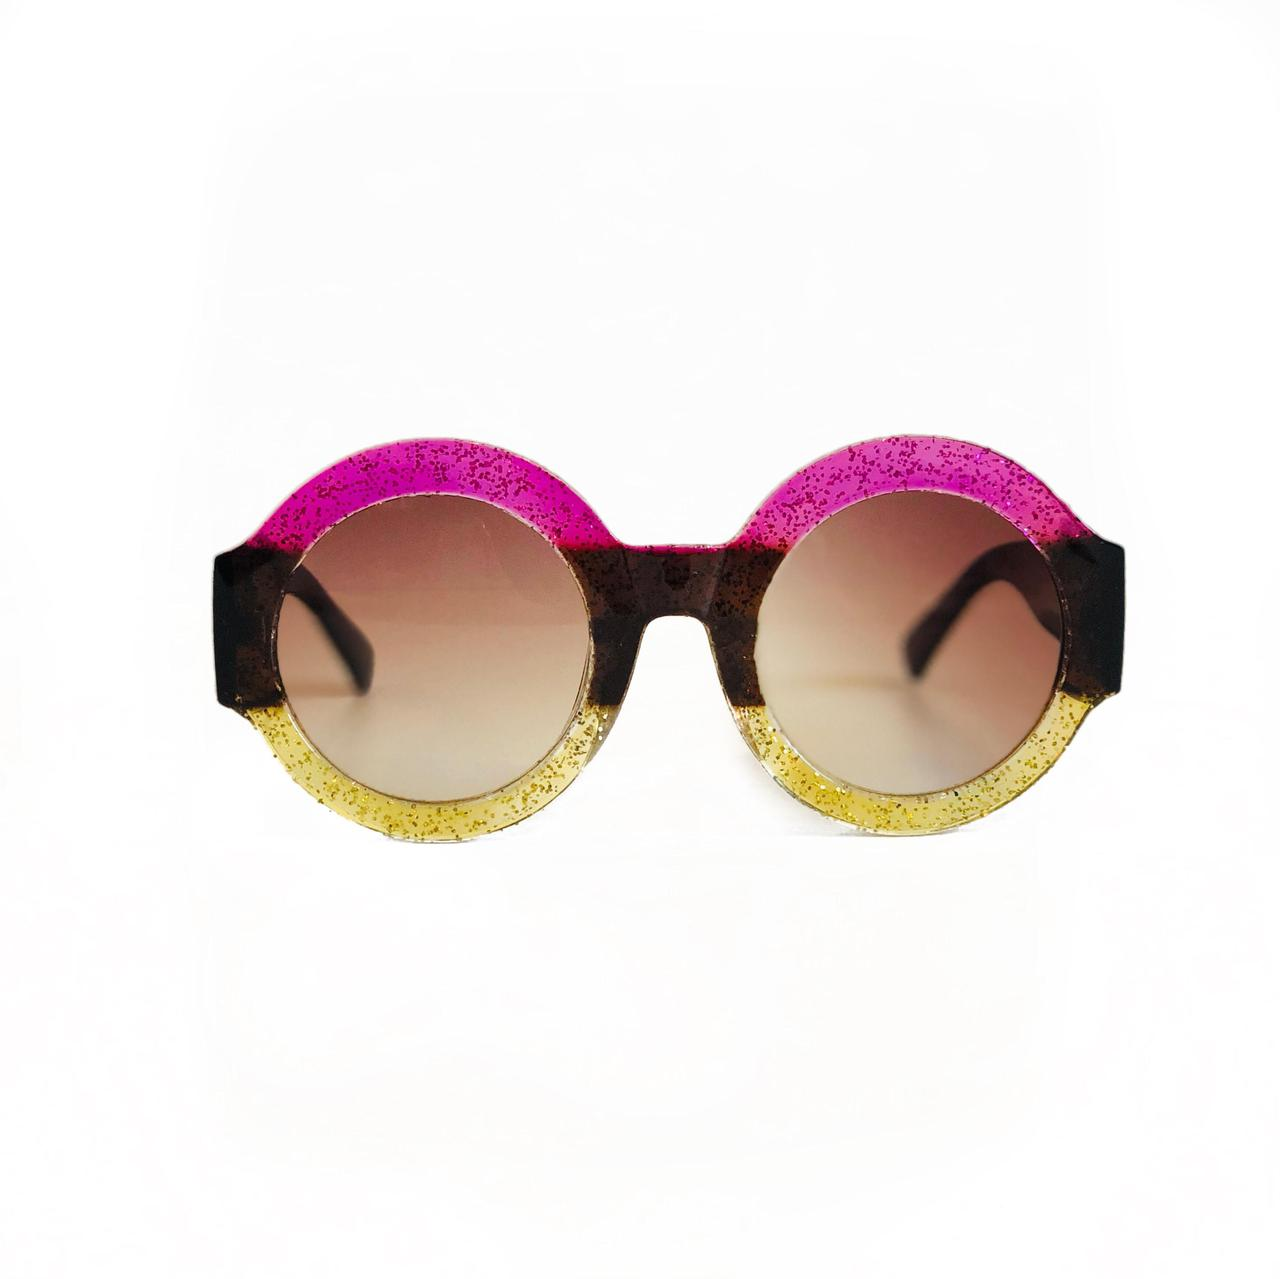 Женские круглые солнцезащитные очки Oversize в розовой оправе